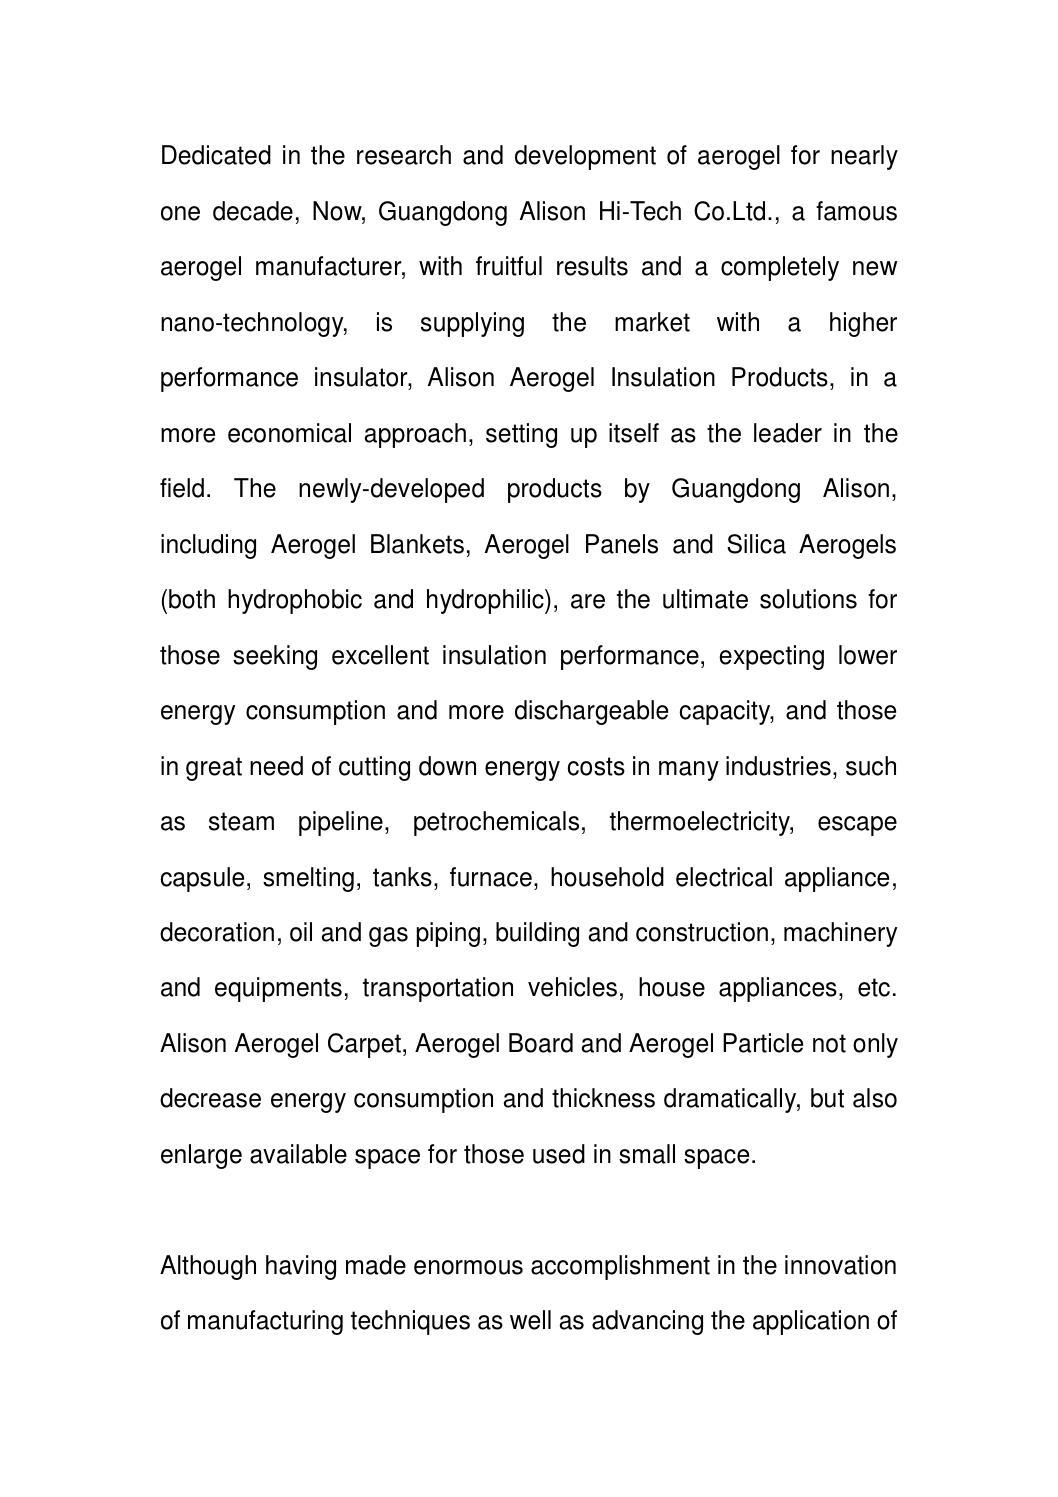 Alison aerogel by aerogel - issuu